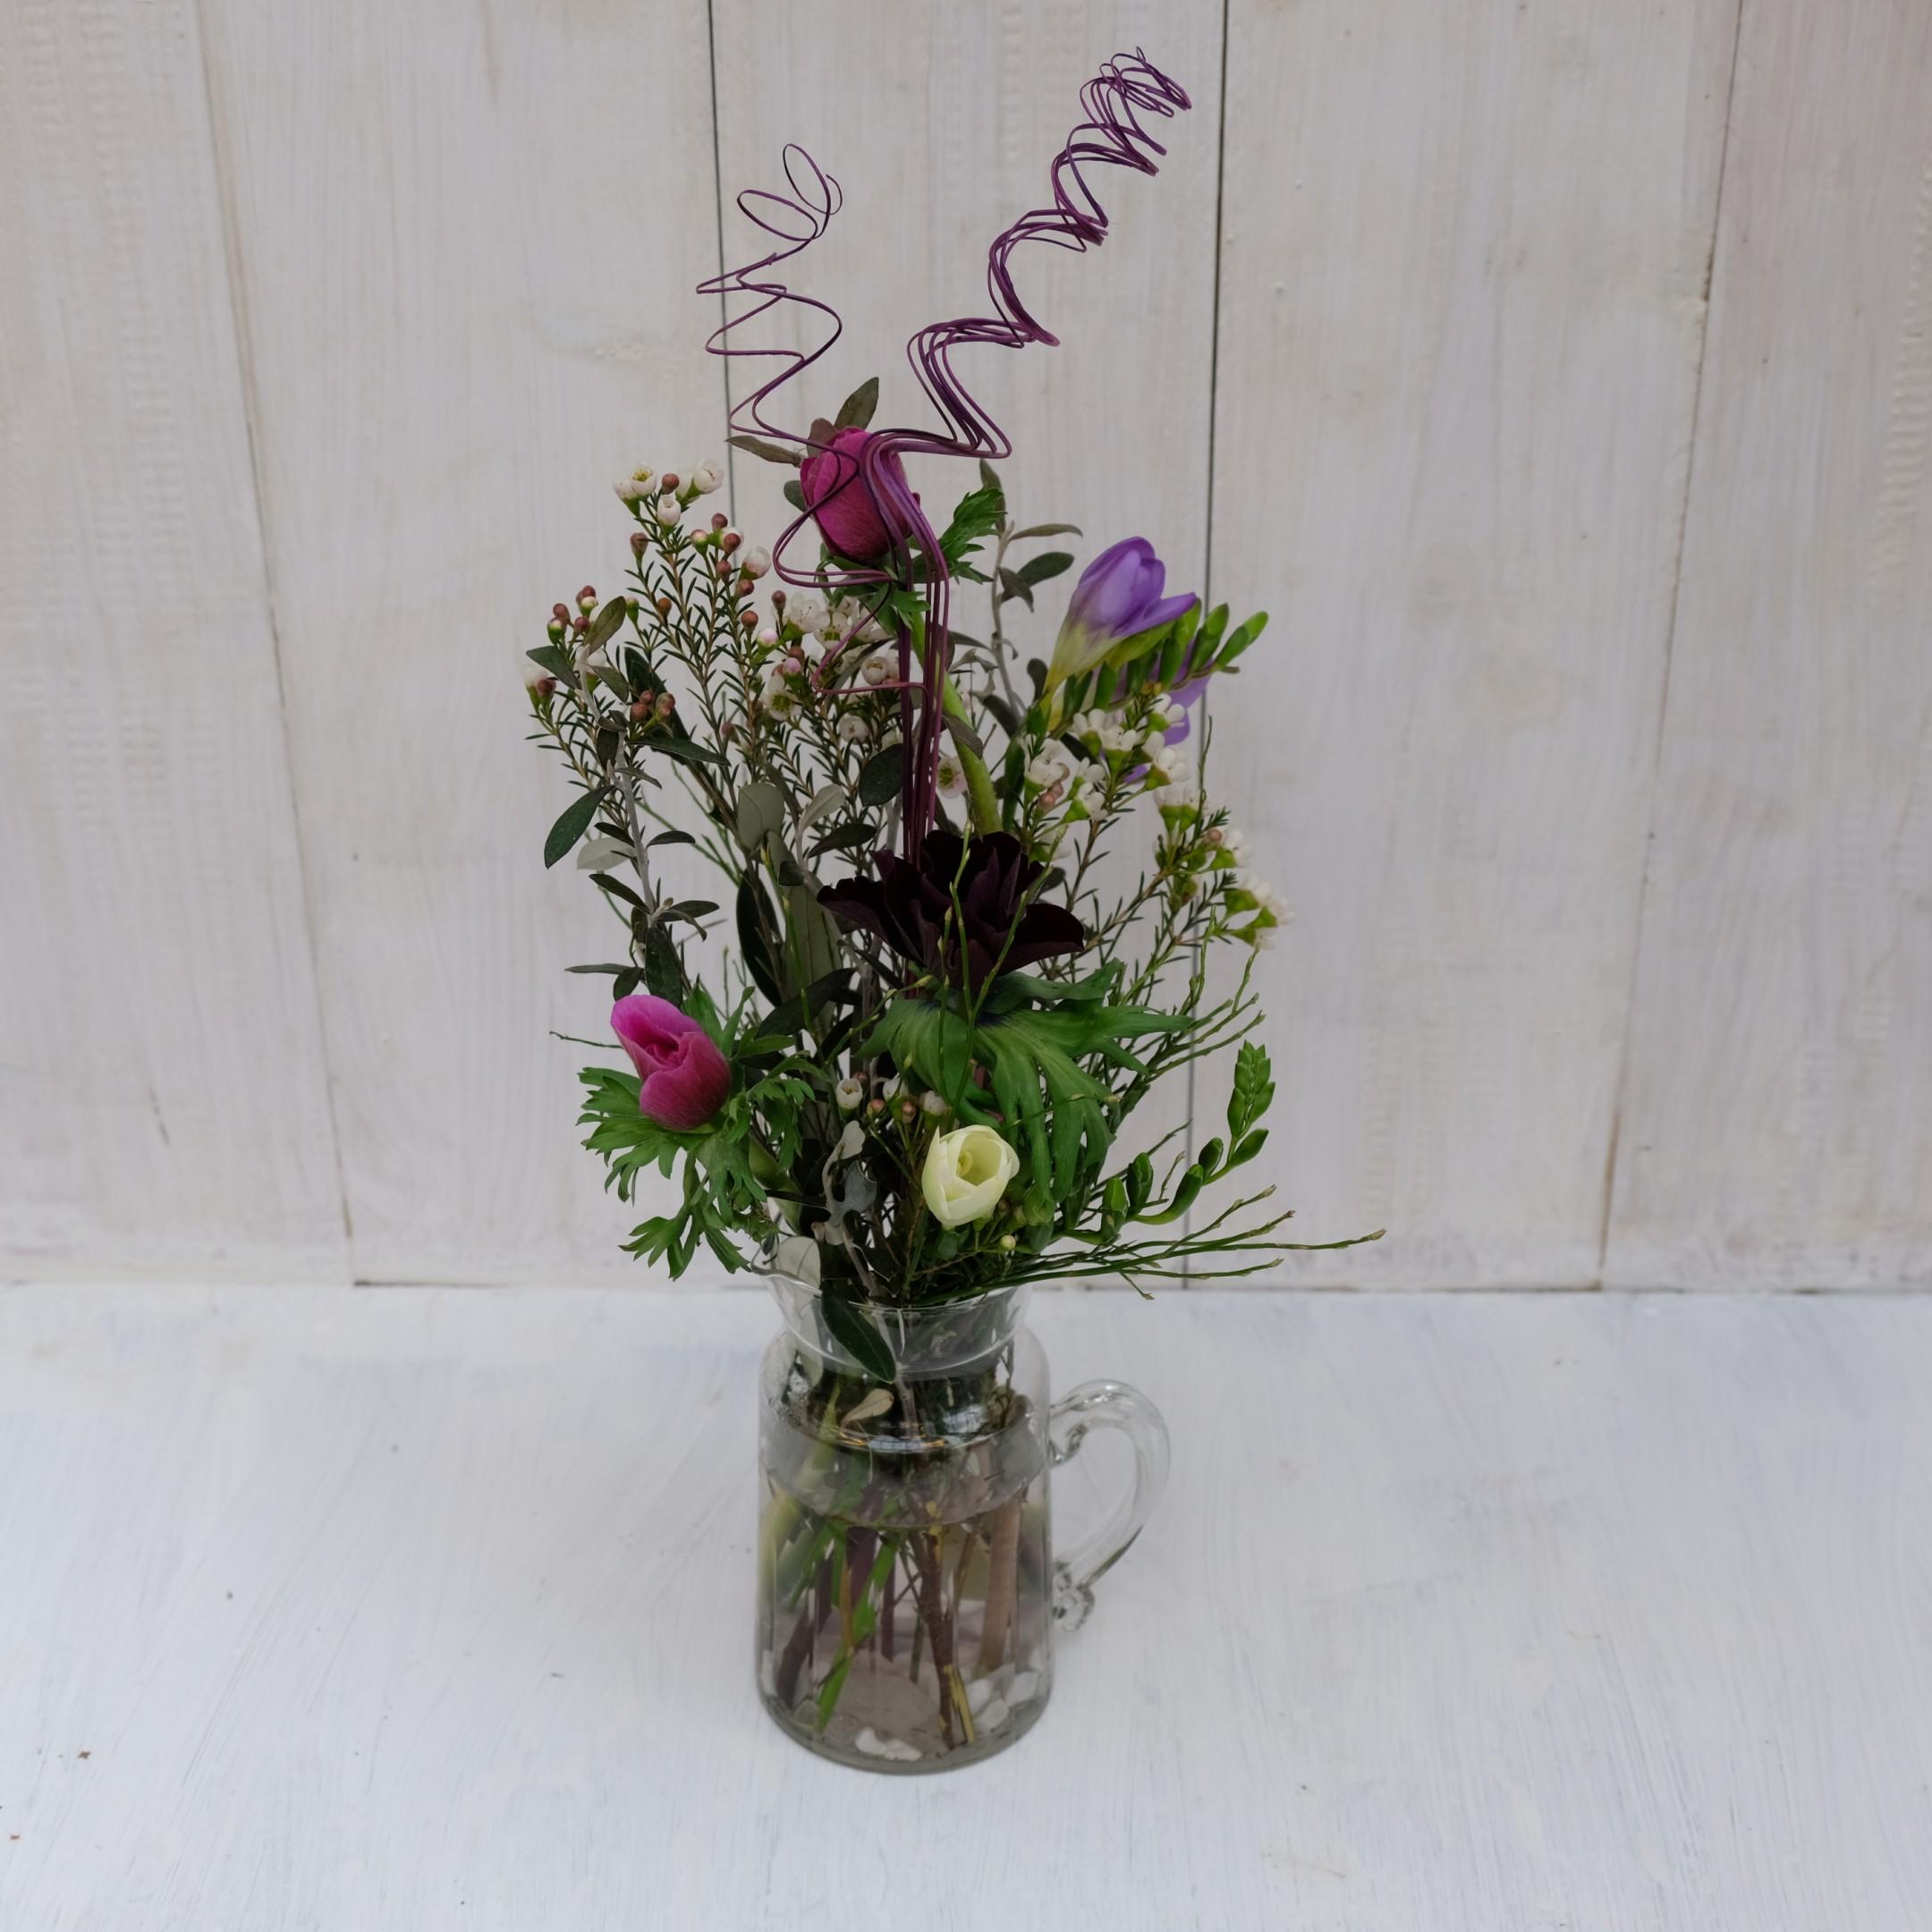 Blumengarten Bild 1